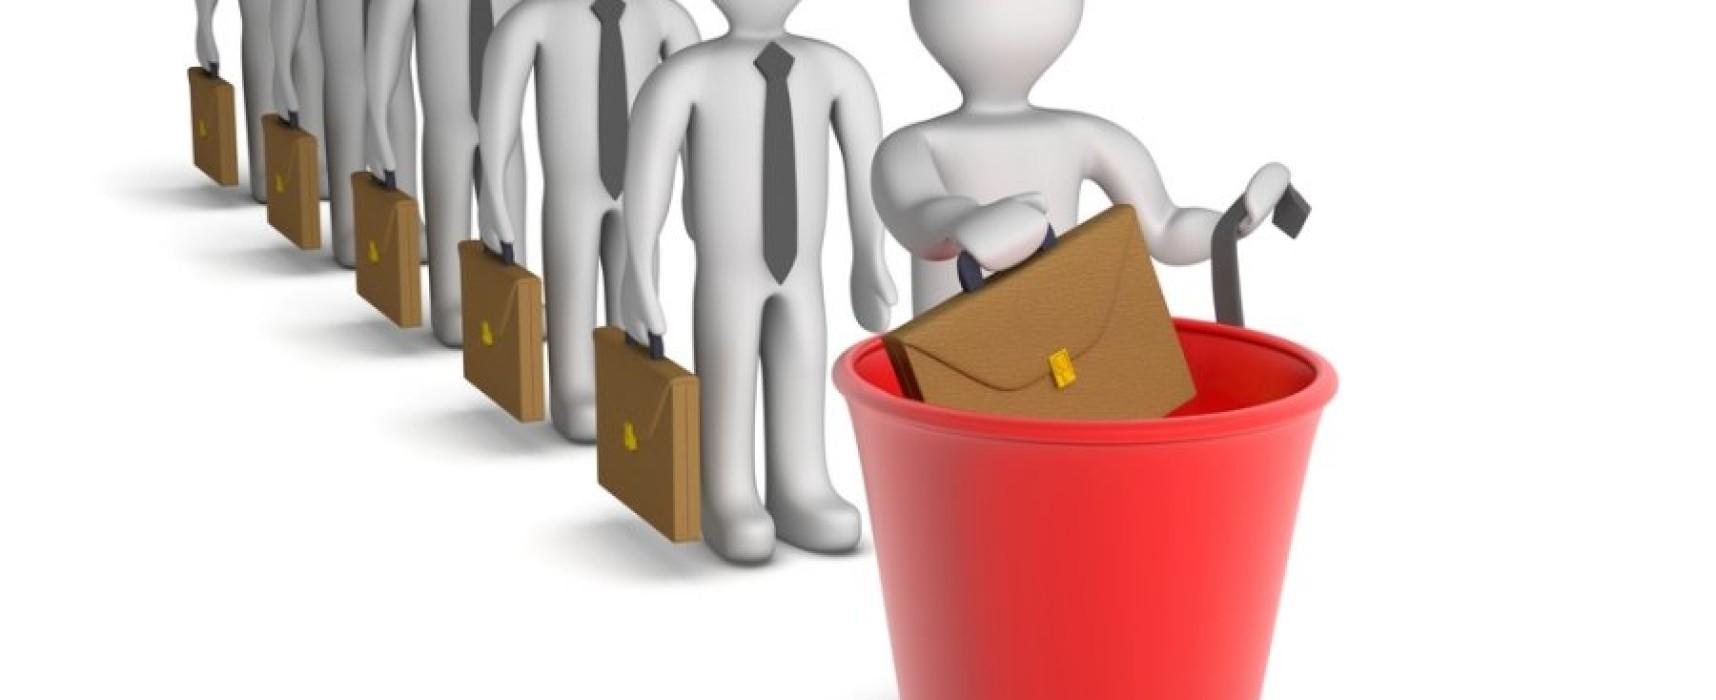 Ликвидация предприятия: на какие выплаты могут рассчитывать сотрудники?